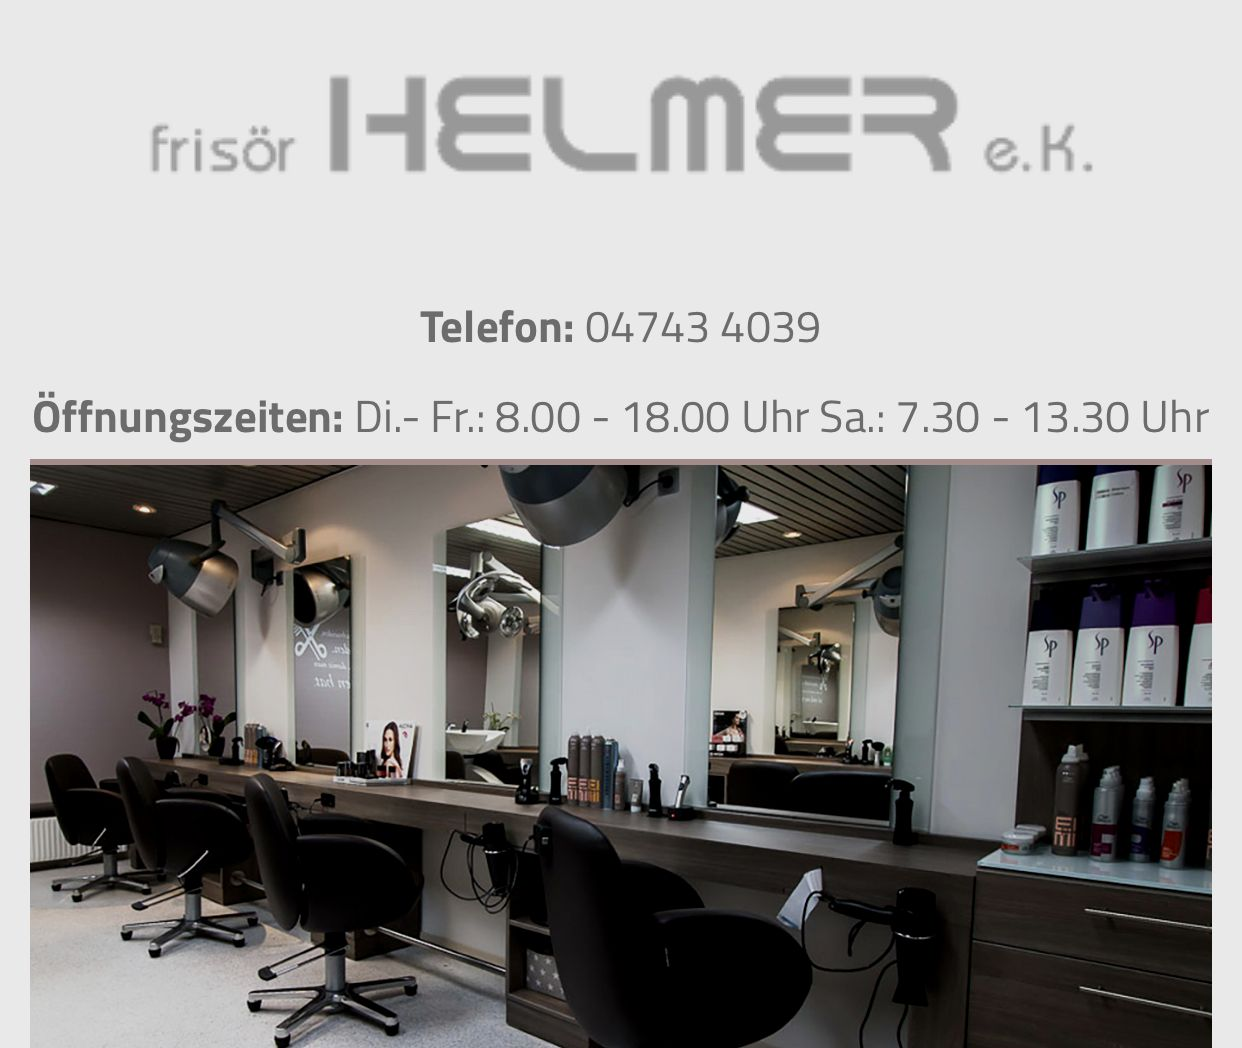 Frisör Helmer